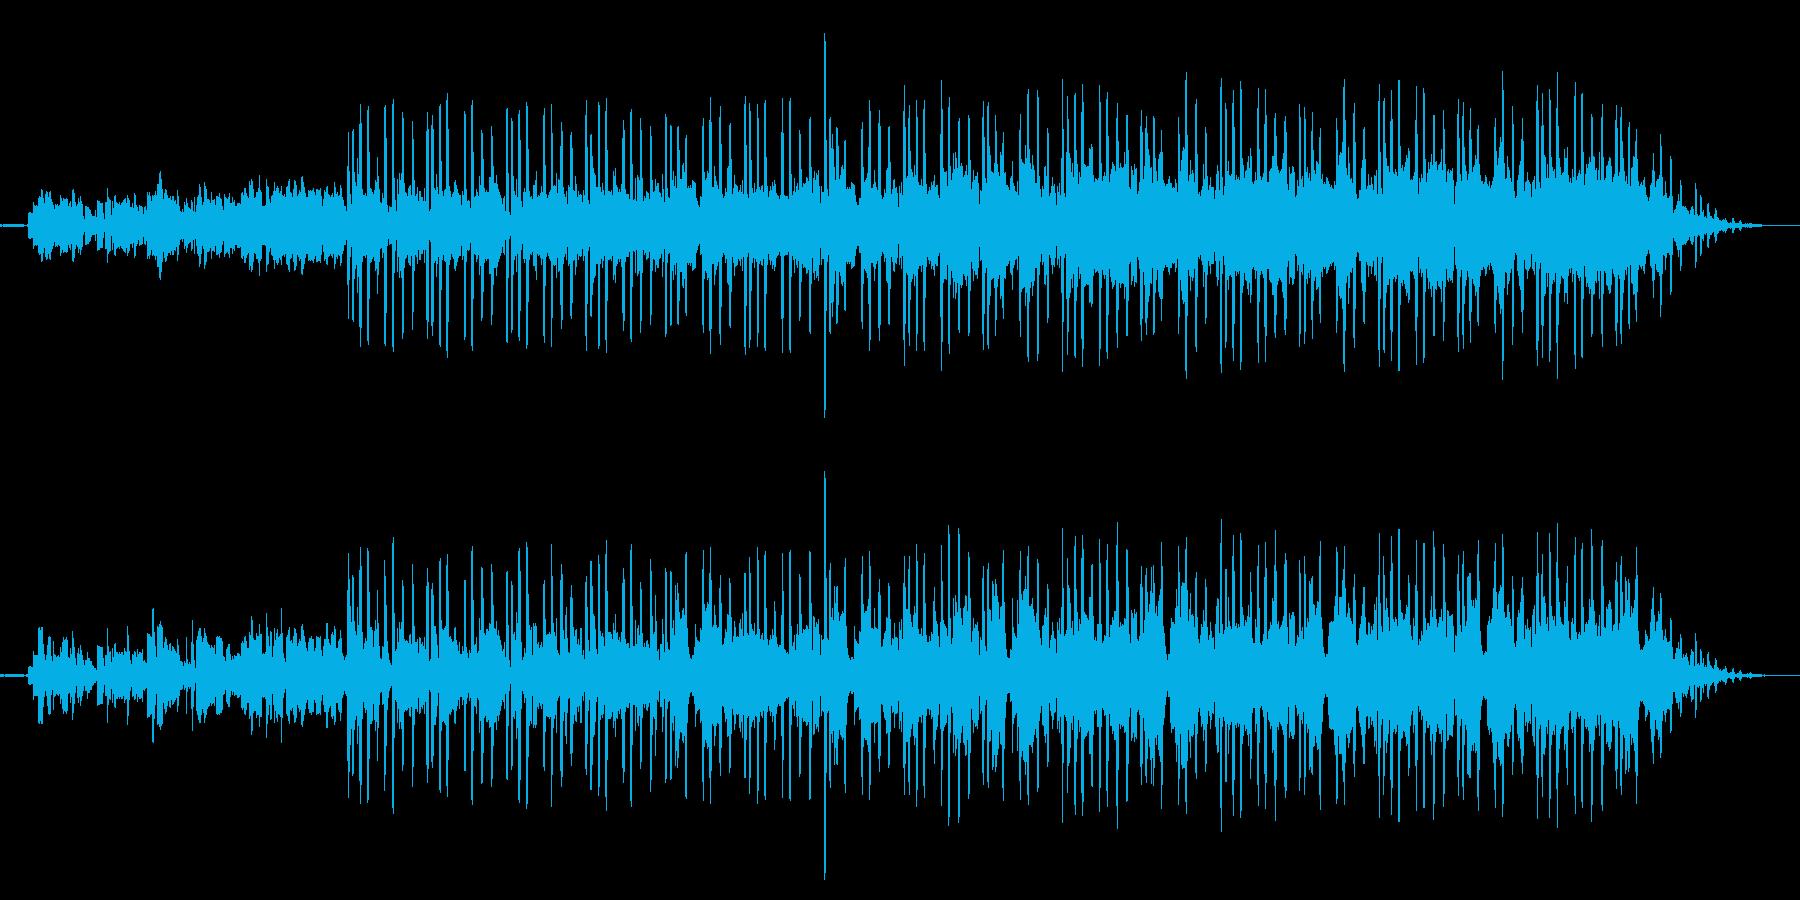 フィルターギターのシーケンスの再生済みの波形